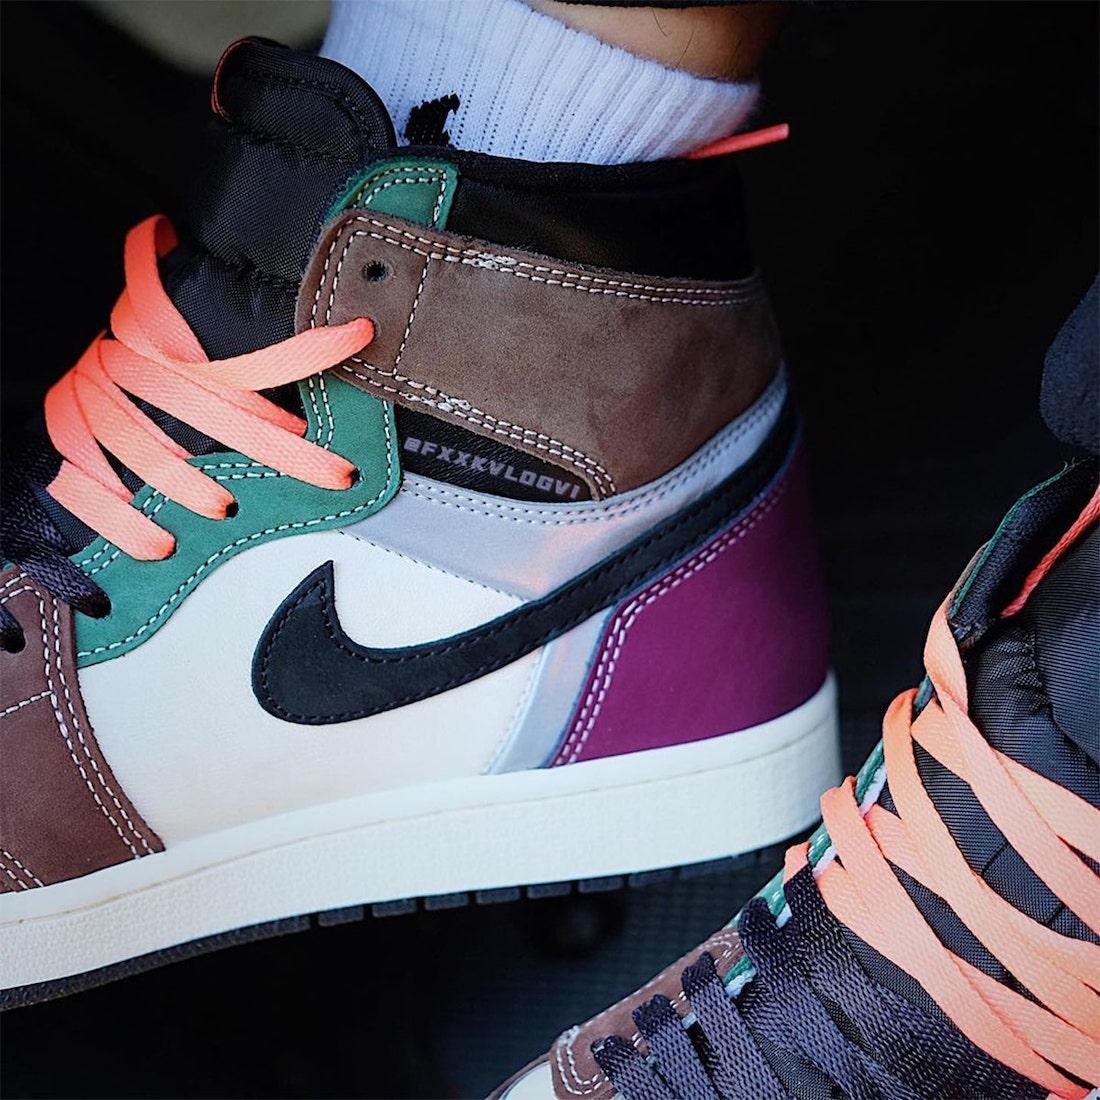 """ナイキ エア ジョーダン 1 ハイ OG """"ハンドクラフティッド"""" Nike-Air-Jordan-1-High-OG-Hand-Crafted-DH3097-001-look-5"""